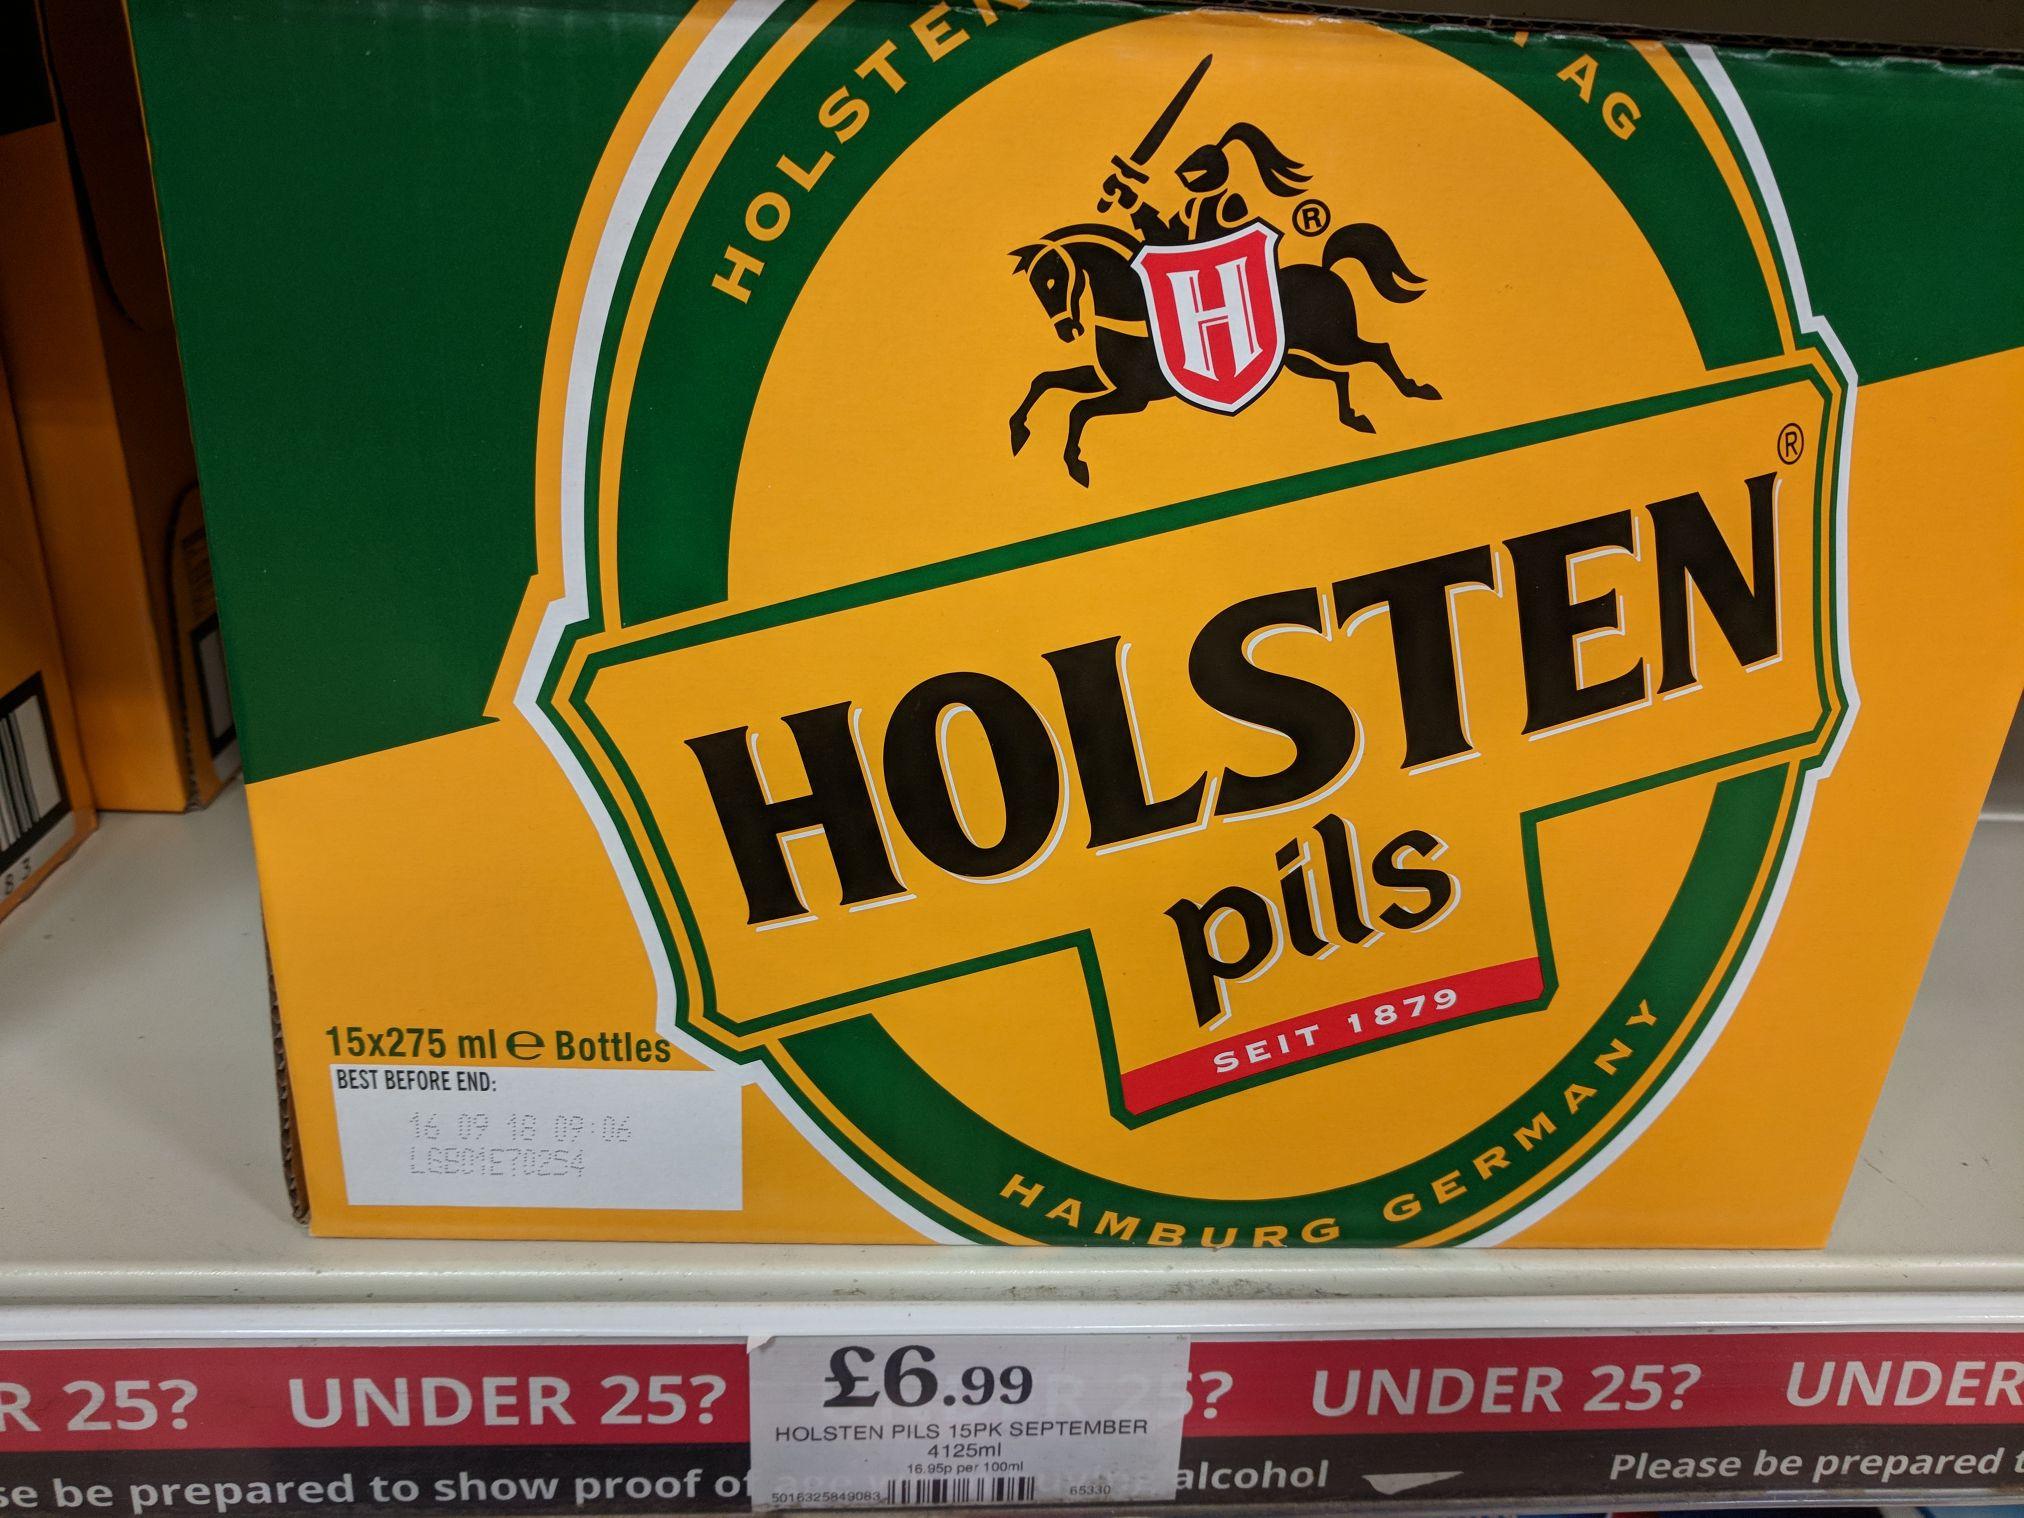 Holsten pils 15 X 275ml bottles £6.99 @ Home Bargains